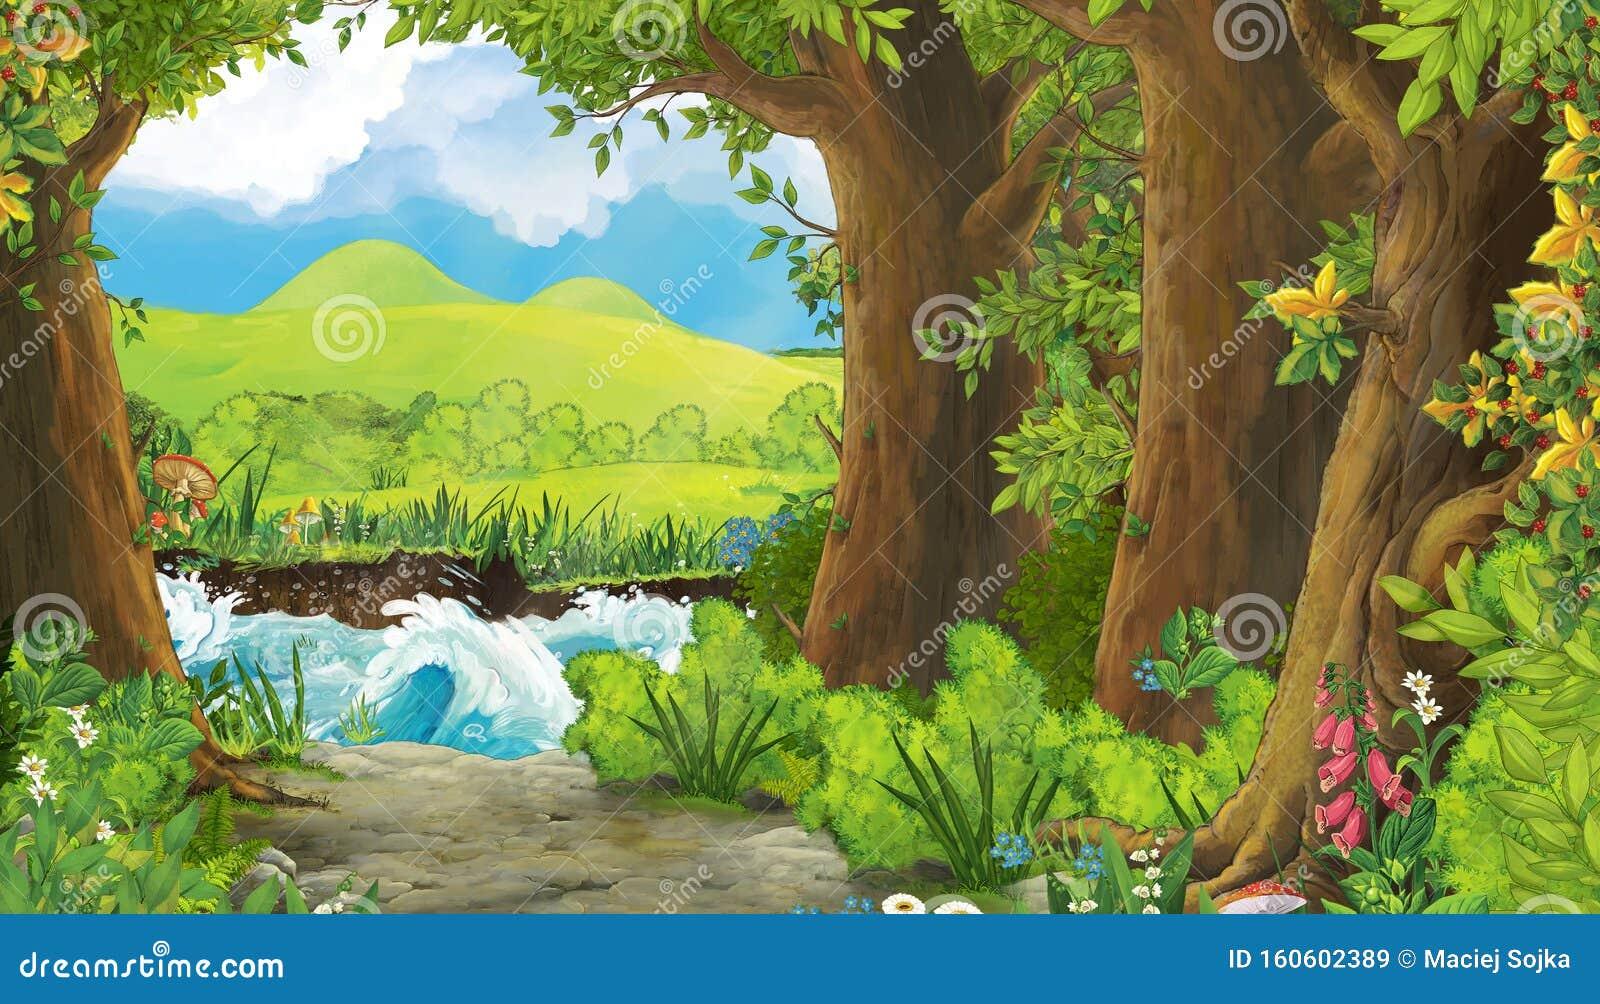 Dessin D Ete Avec Prairie Dans La Foret Illustration Stock Illustration Du Dessin Avec 160602389